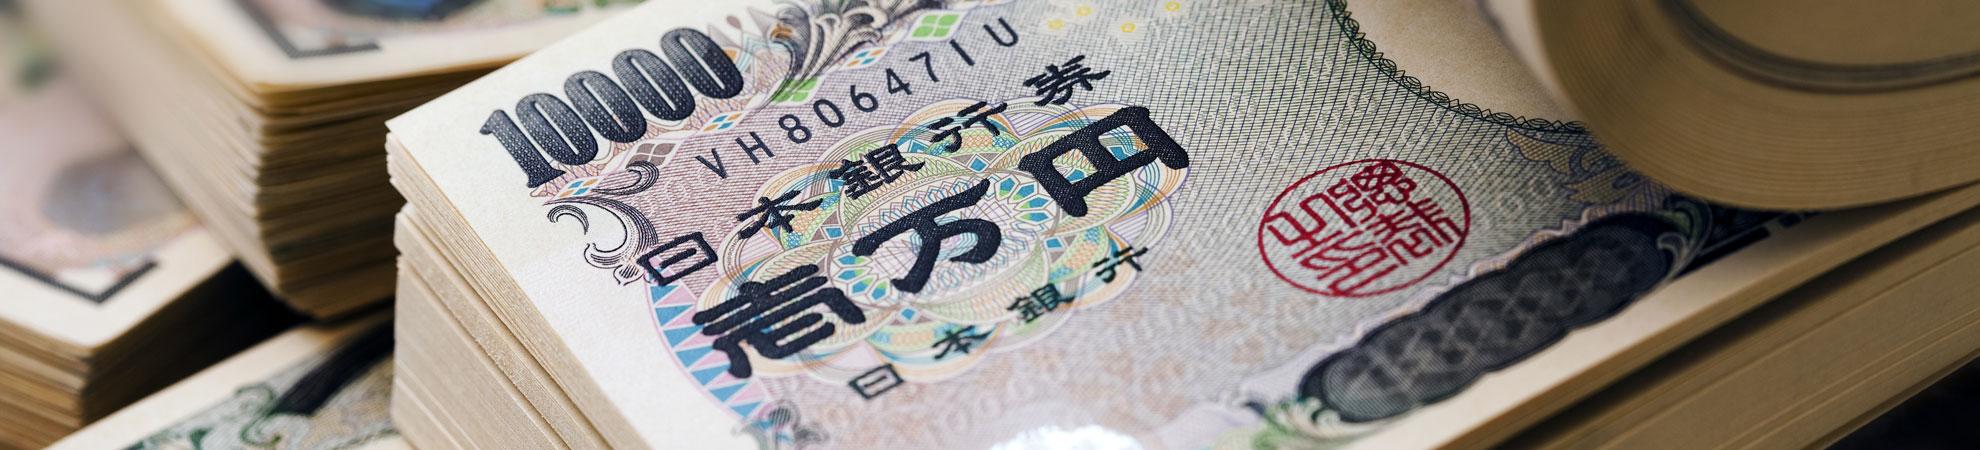 Bien organiser son argent avant son circuit au Japon